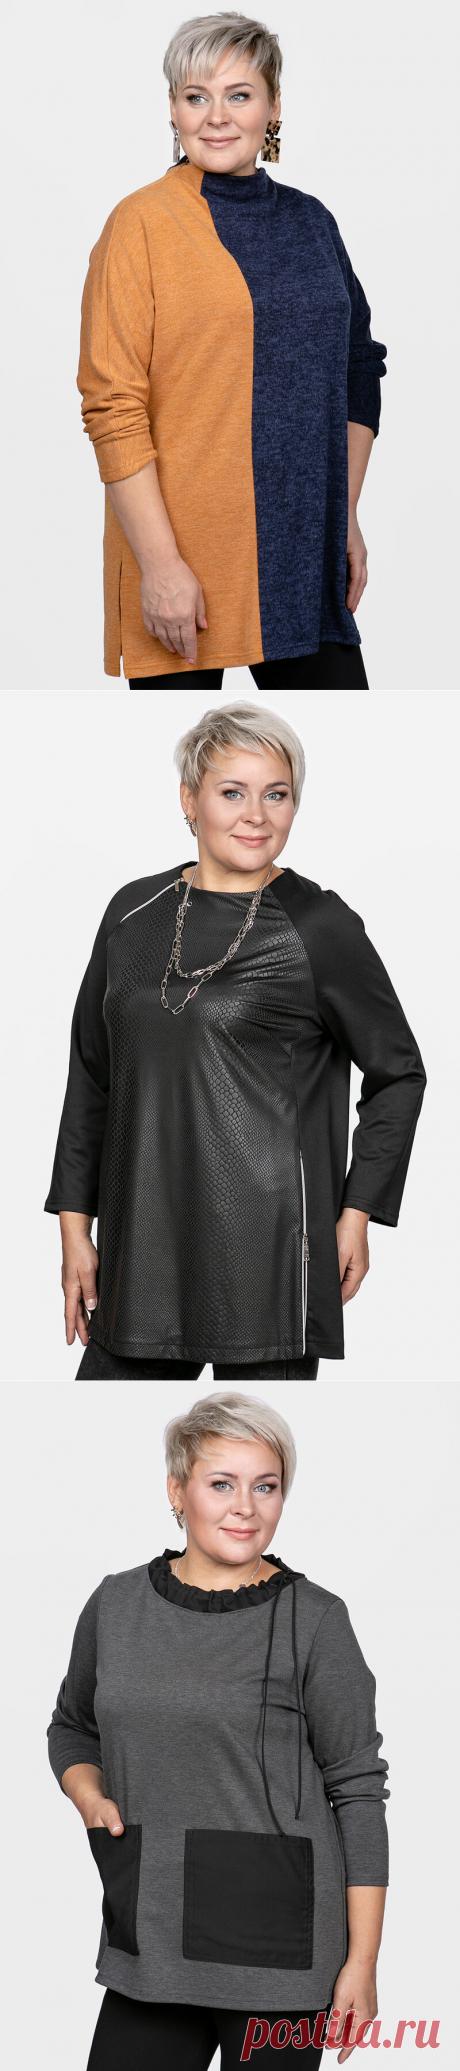 Что носят элегантные женщины? Стильные блузки и туники | Дом, работа, хобби | Яндекс Дзен